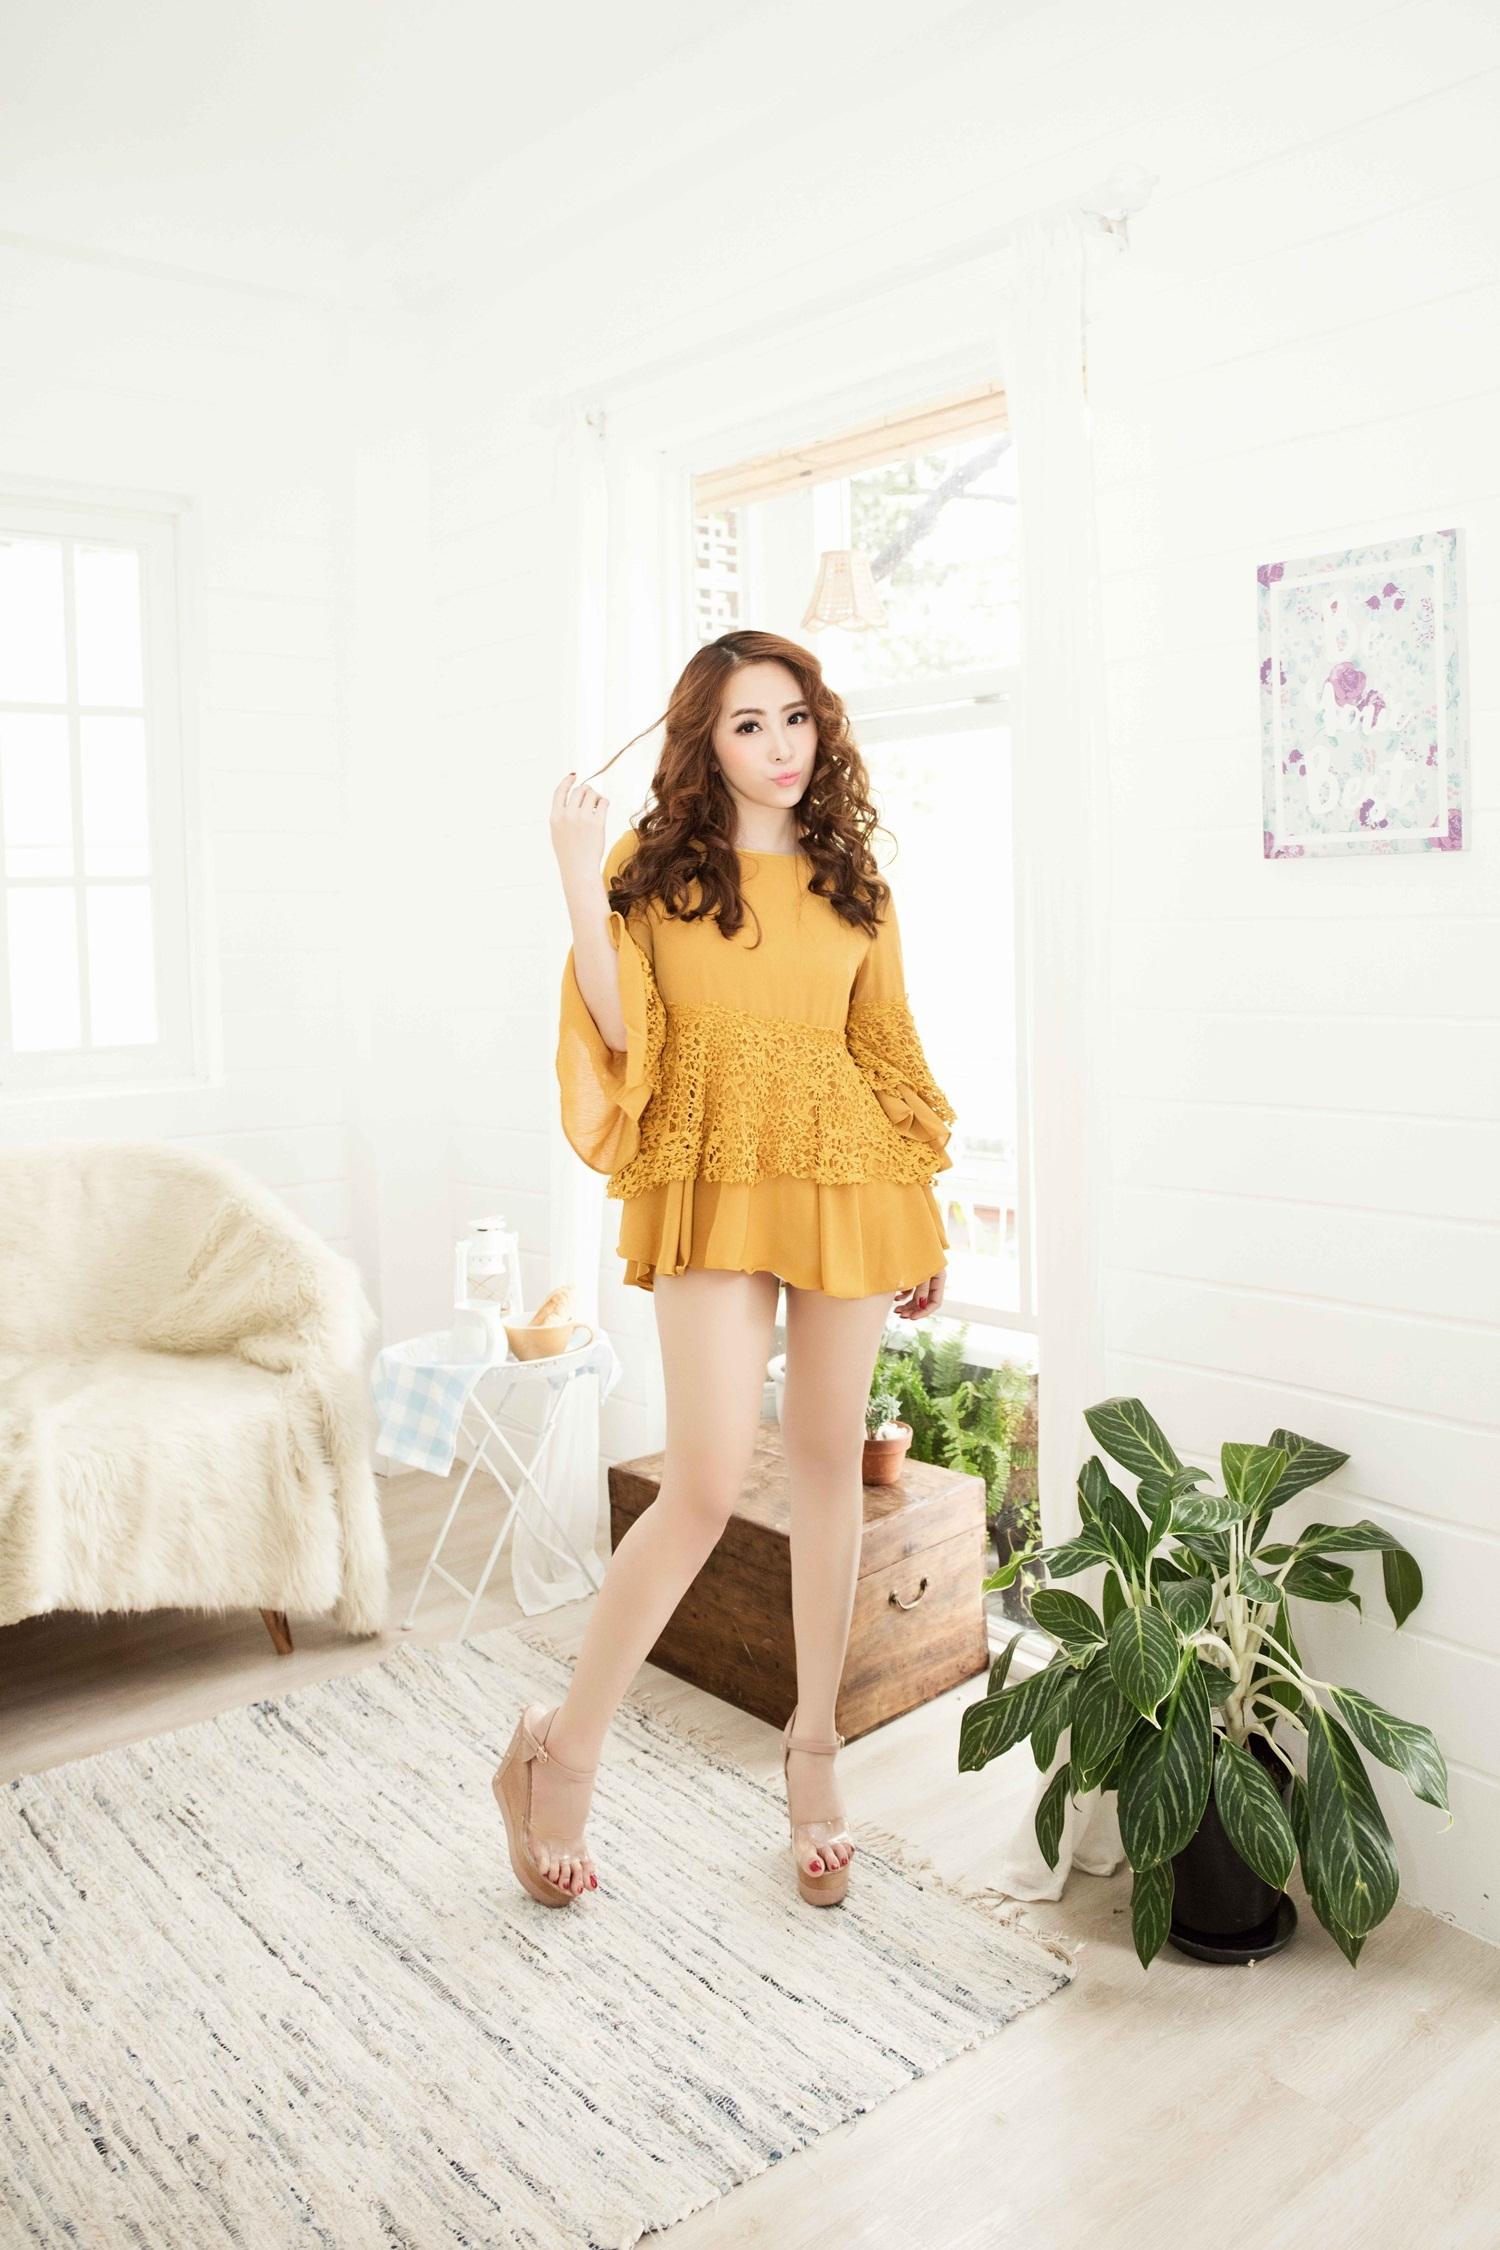 Thiết kế váy babydoll với kiểu dáng eo cao và rộng rãi giúp tôn đôi chân dài và che vòng 2 lớn.